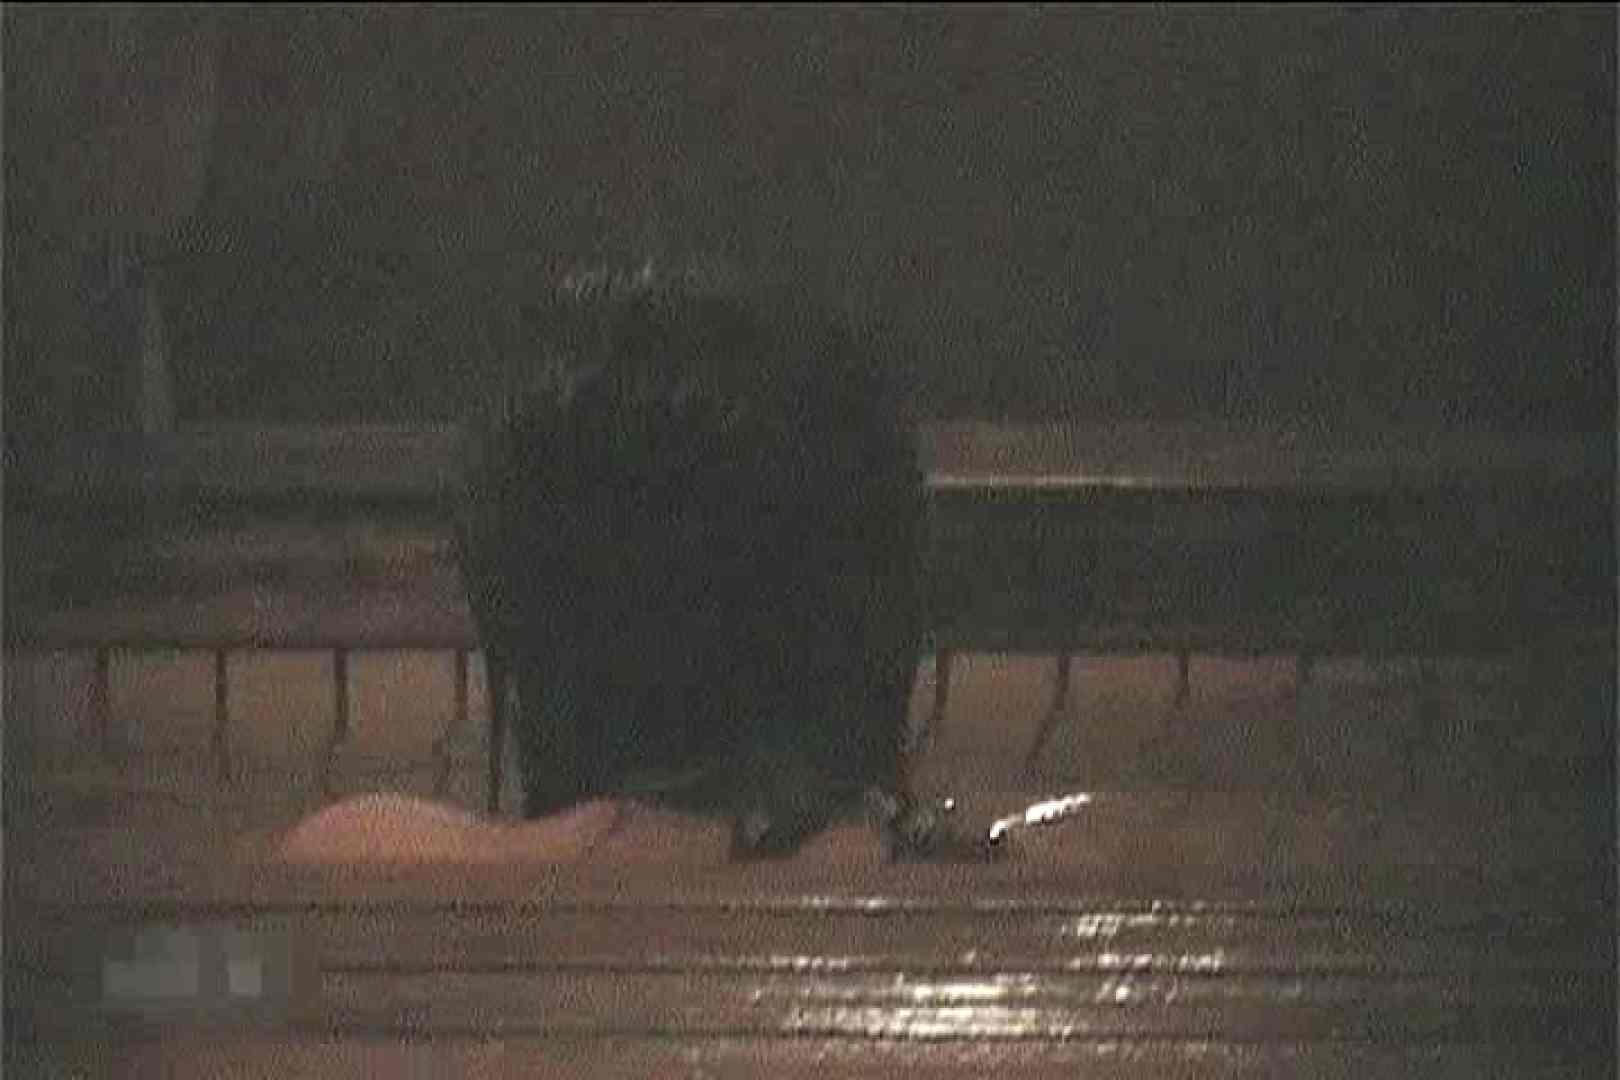 全裸で発情!!家族風呂の実態Vol.3 ラブホテル | 盗撮  95画像 43